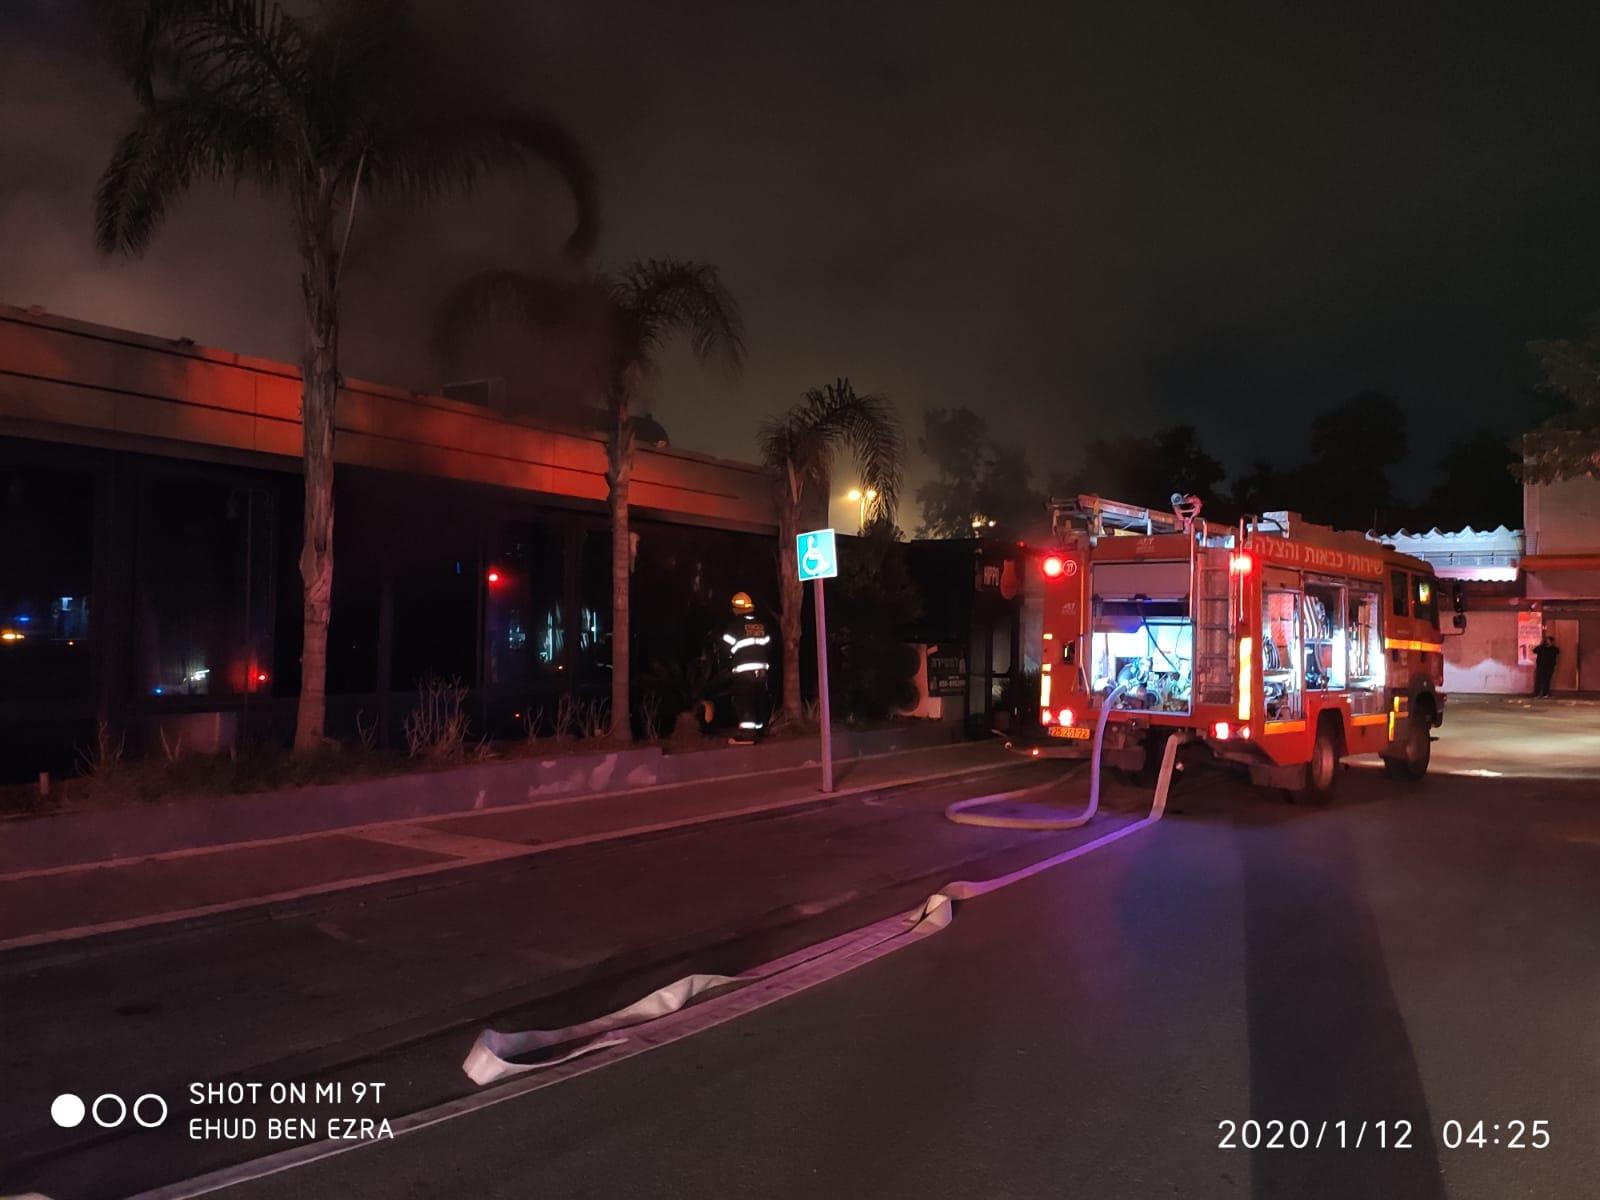 הוזעקו עוד כוחות כיבוי בשל גודל השריפה. צילום: דוברות כיבוי חוף